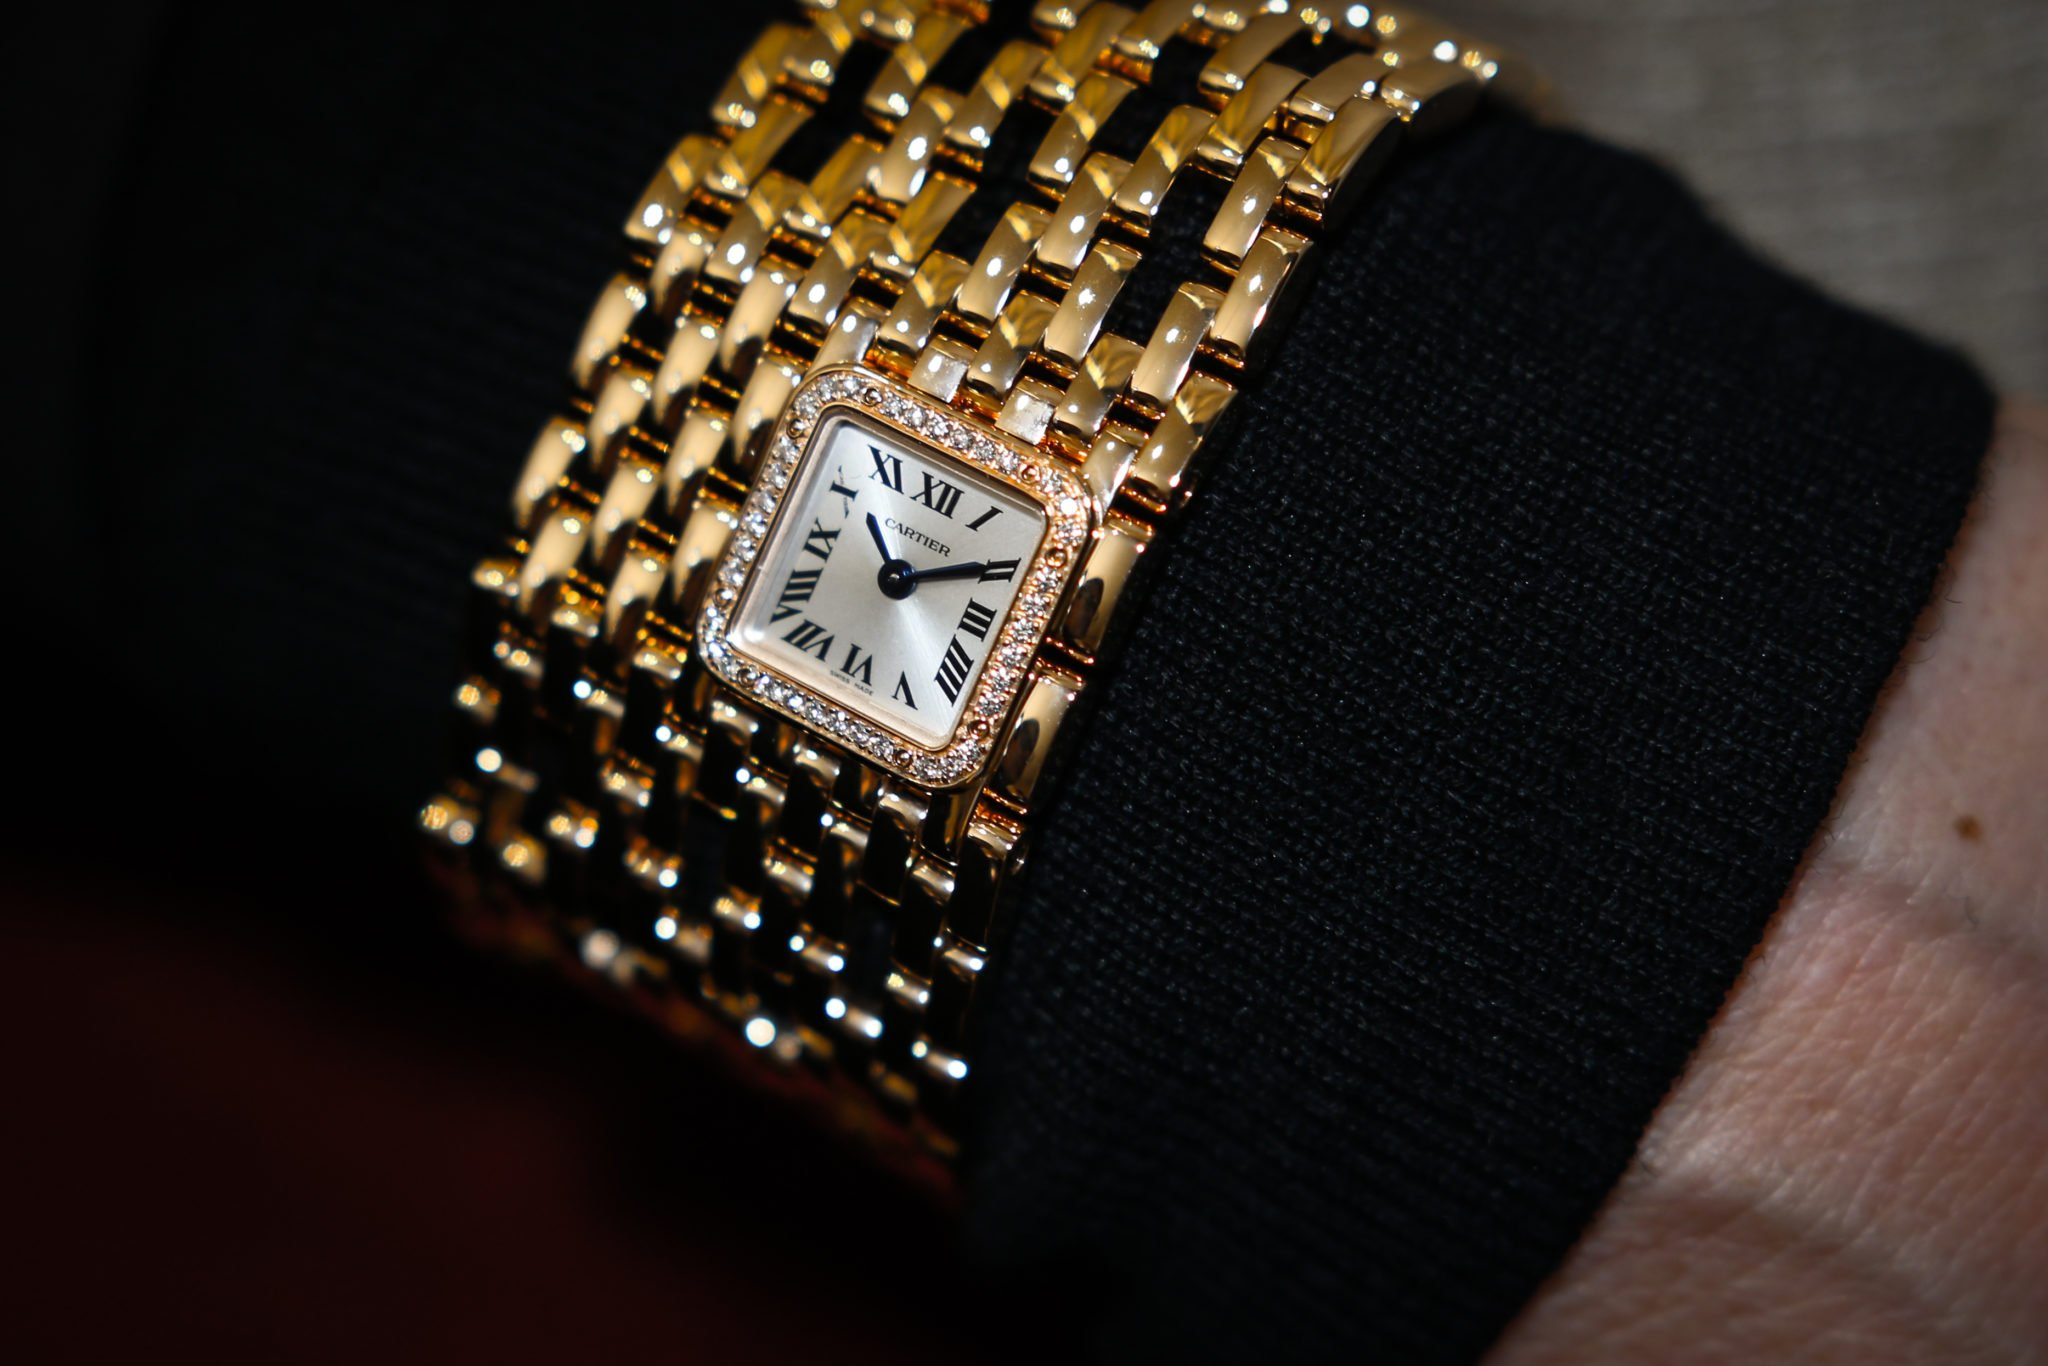 Cartier Uhren – SIHH 2019